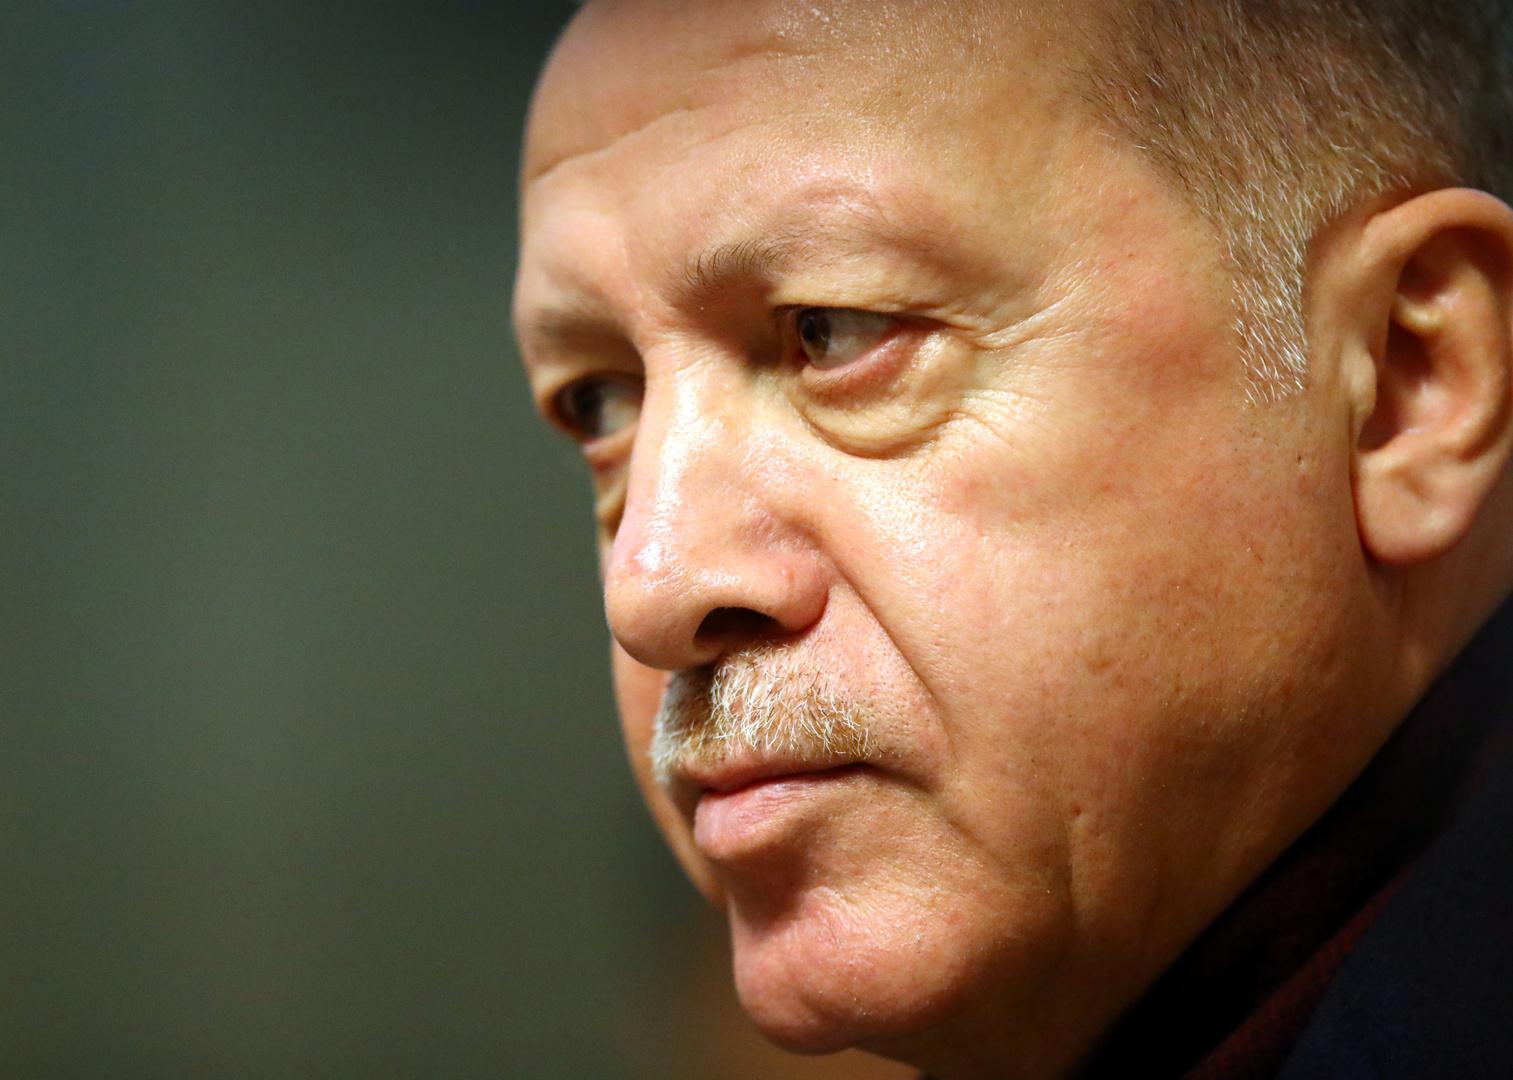 تركيا عاجزة عن تحمل عبء الحرب مع حفتر